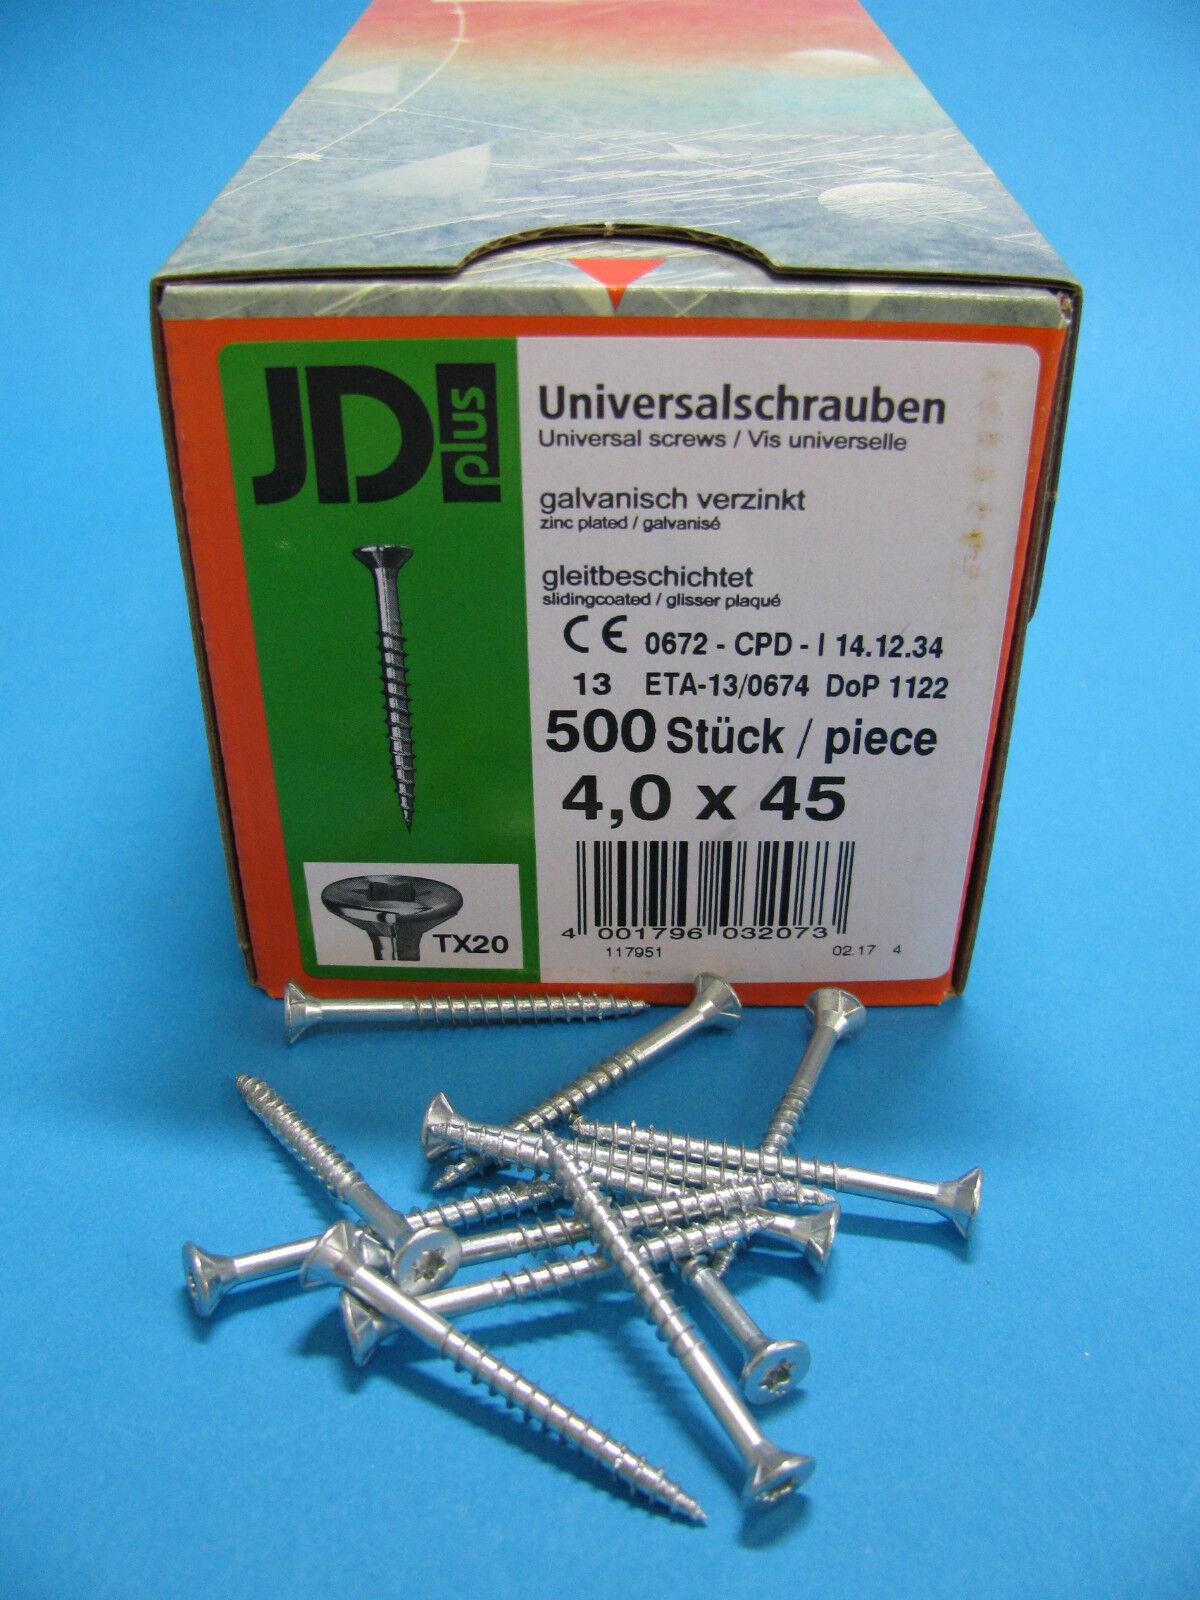 Holzschrauben,Spanplattenschrauben JD plus I Stern keine,Spax, Universalschraube